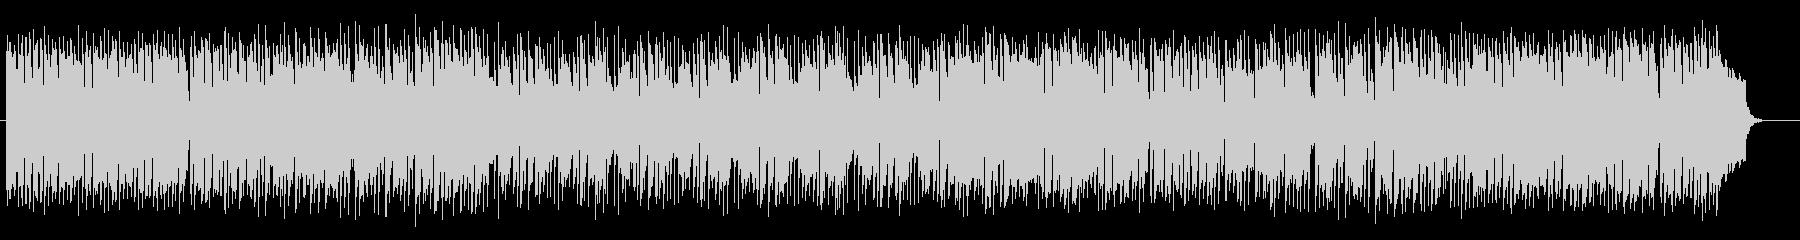 音階を回るように上がっていくシンセ曲の未再生の波形